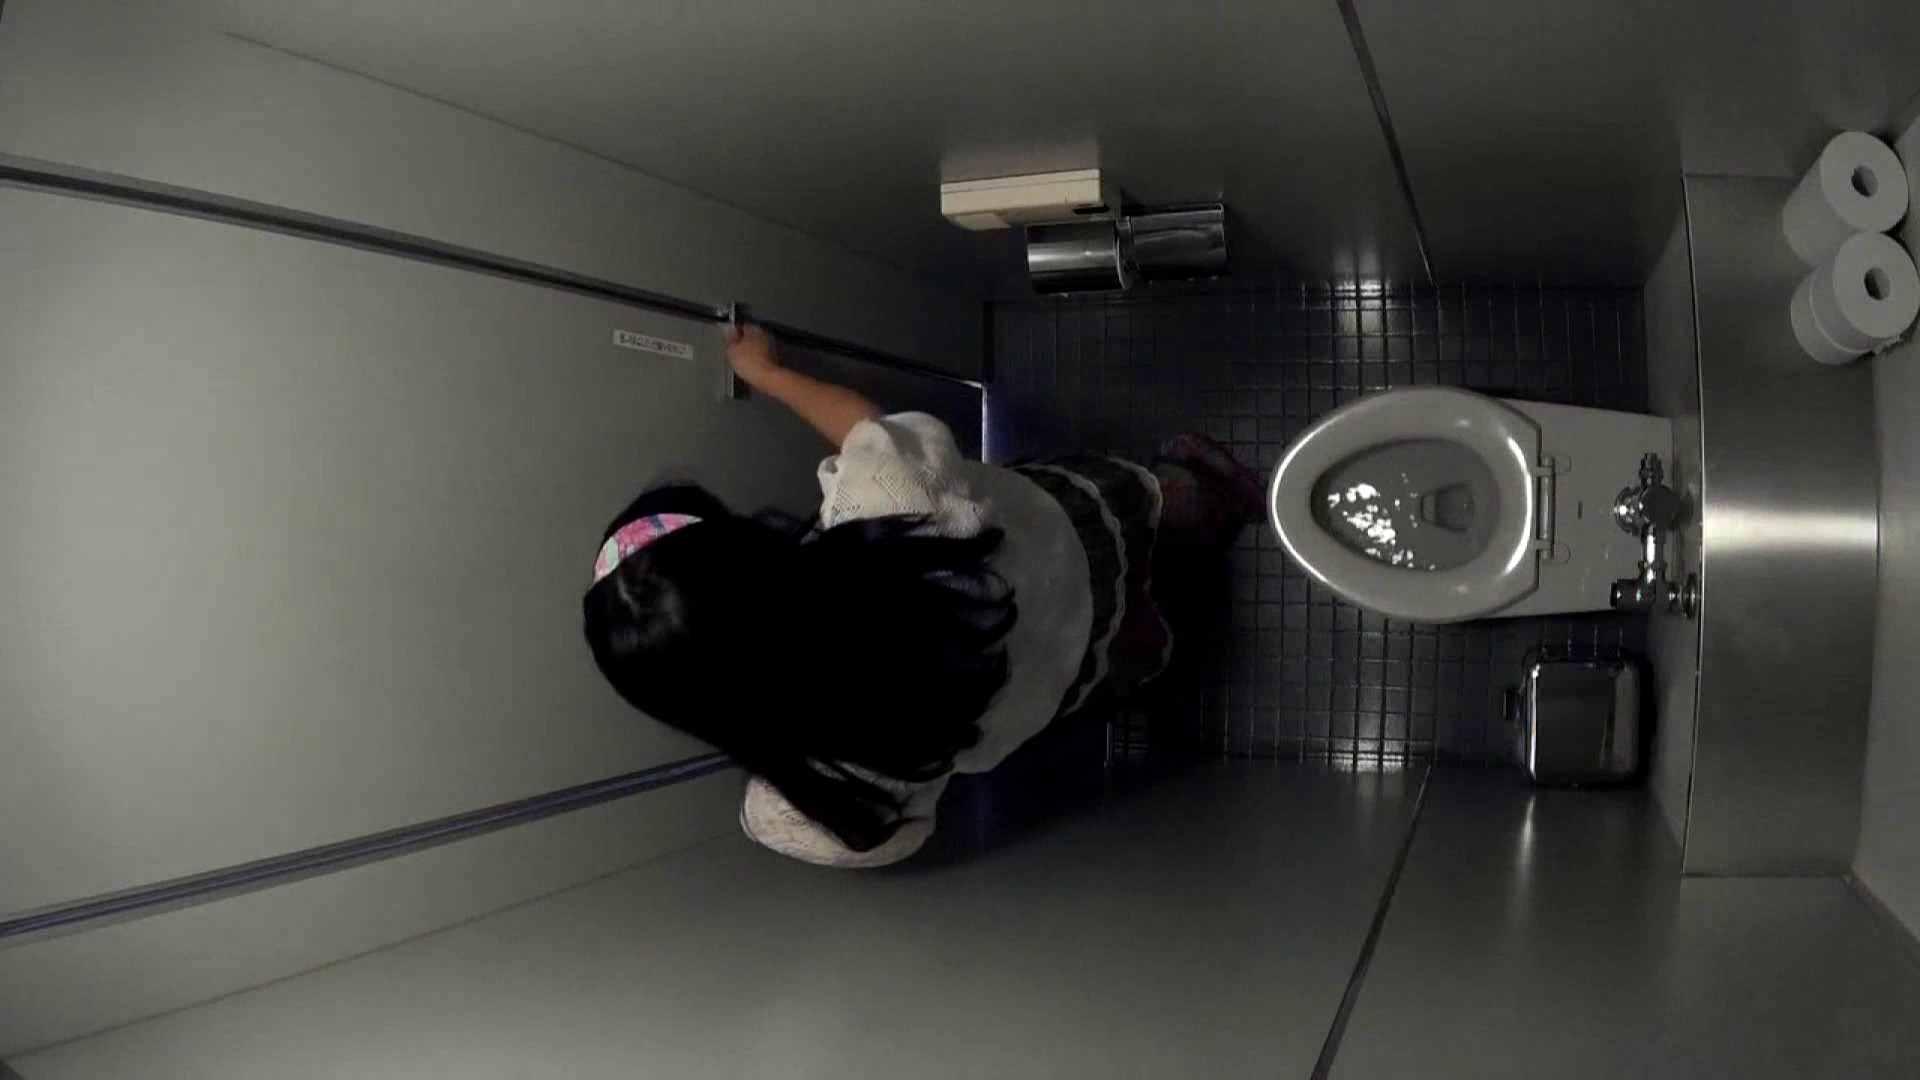 有名大学女性洗面所 vol.45 冴え渡る多方向撮影!職人技です。 OL  86連発 14